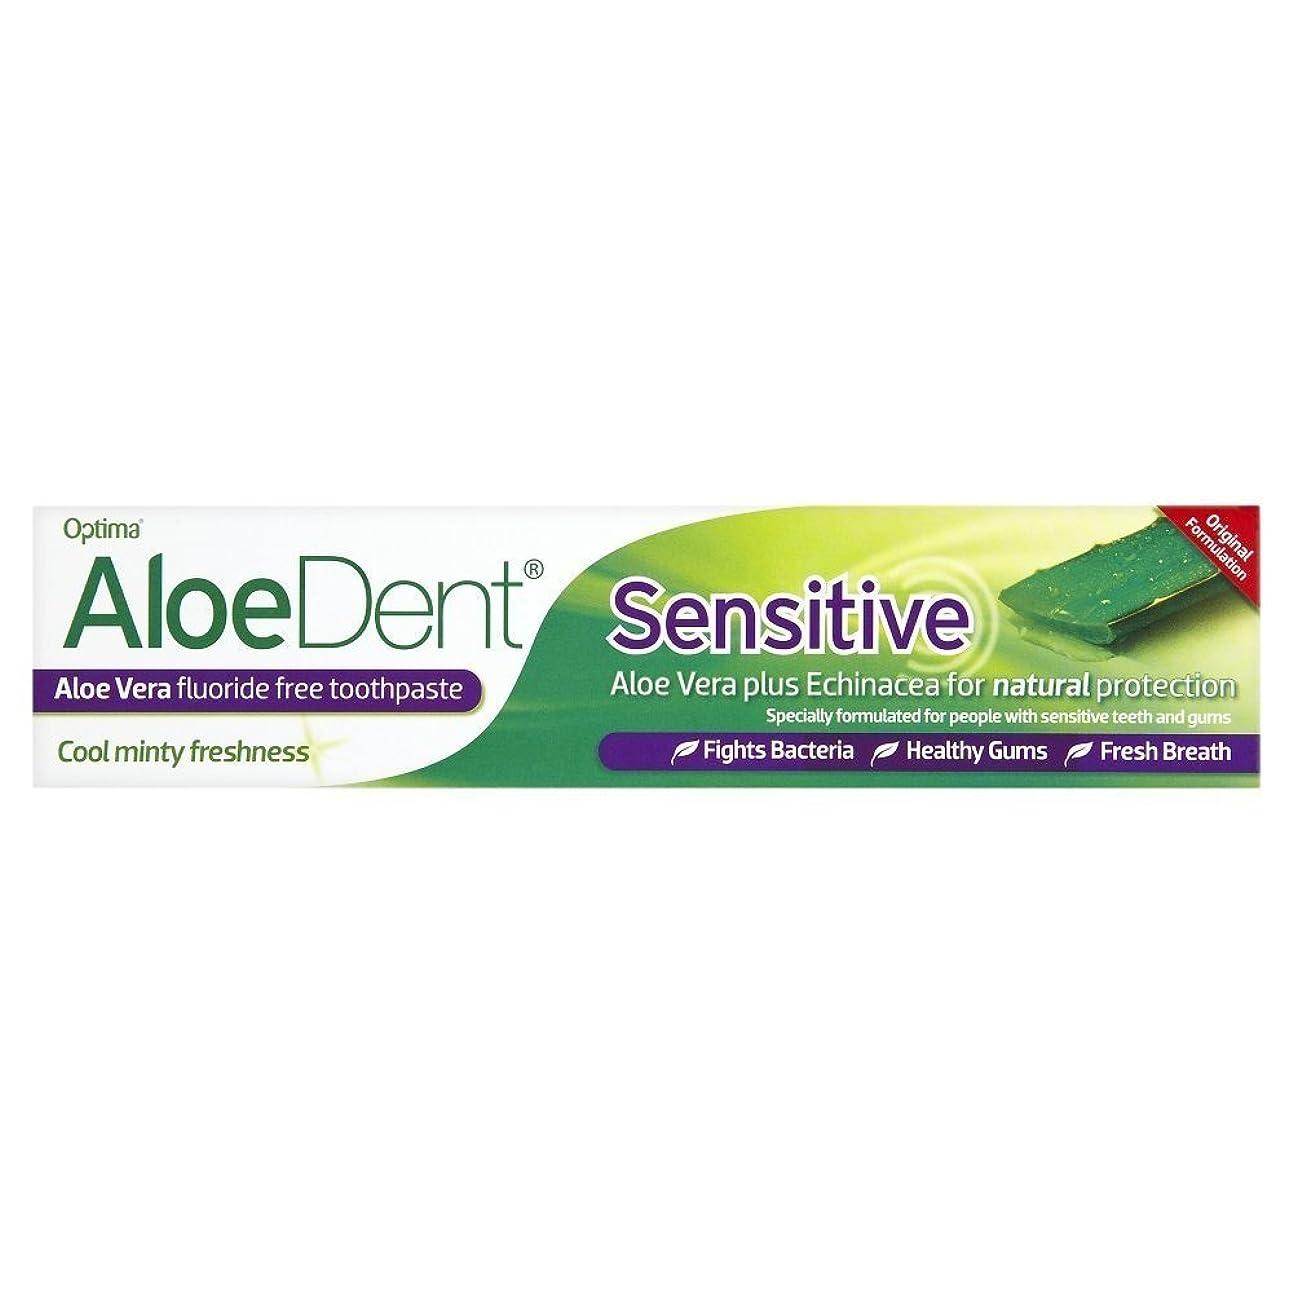 不適切な大人預言者AloeDent 100 ml Sensitive Aloe Vera Fluoride Free Toothpaste by Aloe Dent